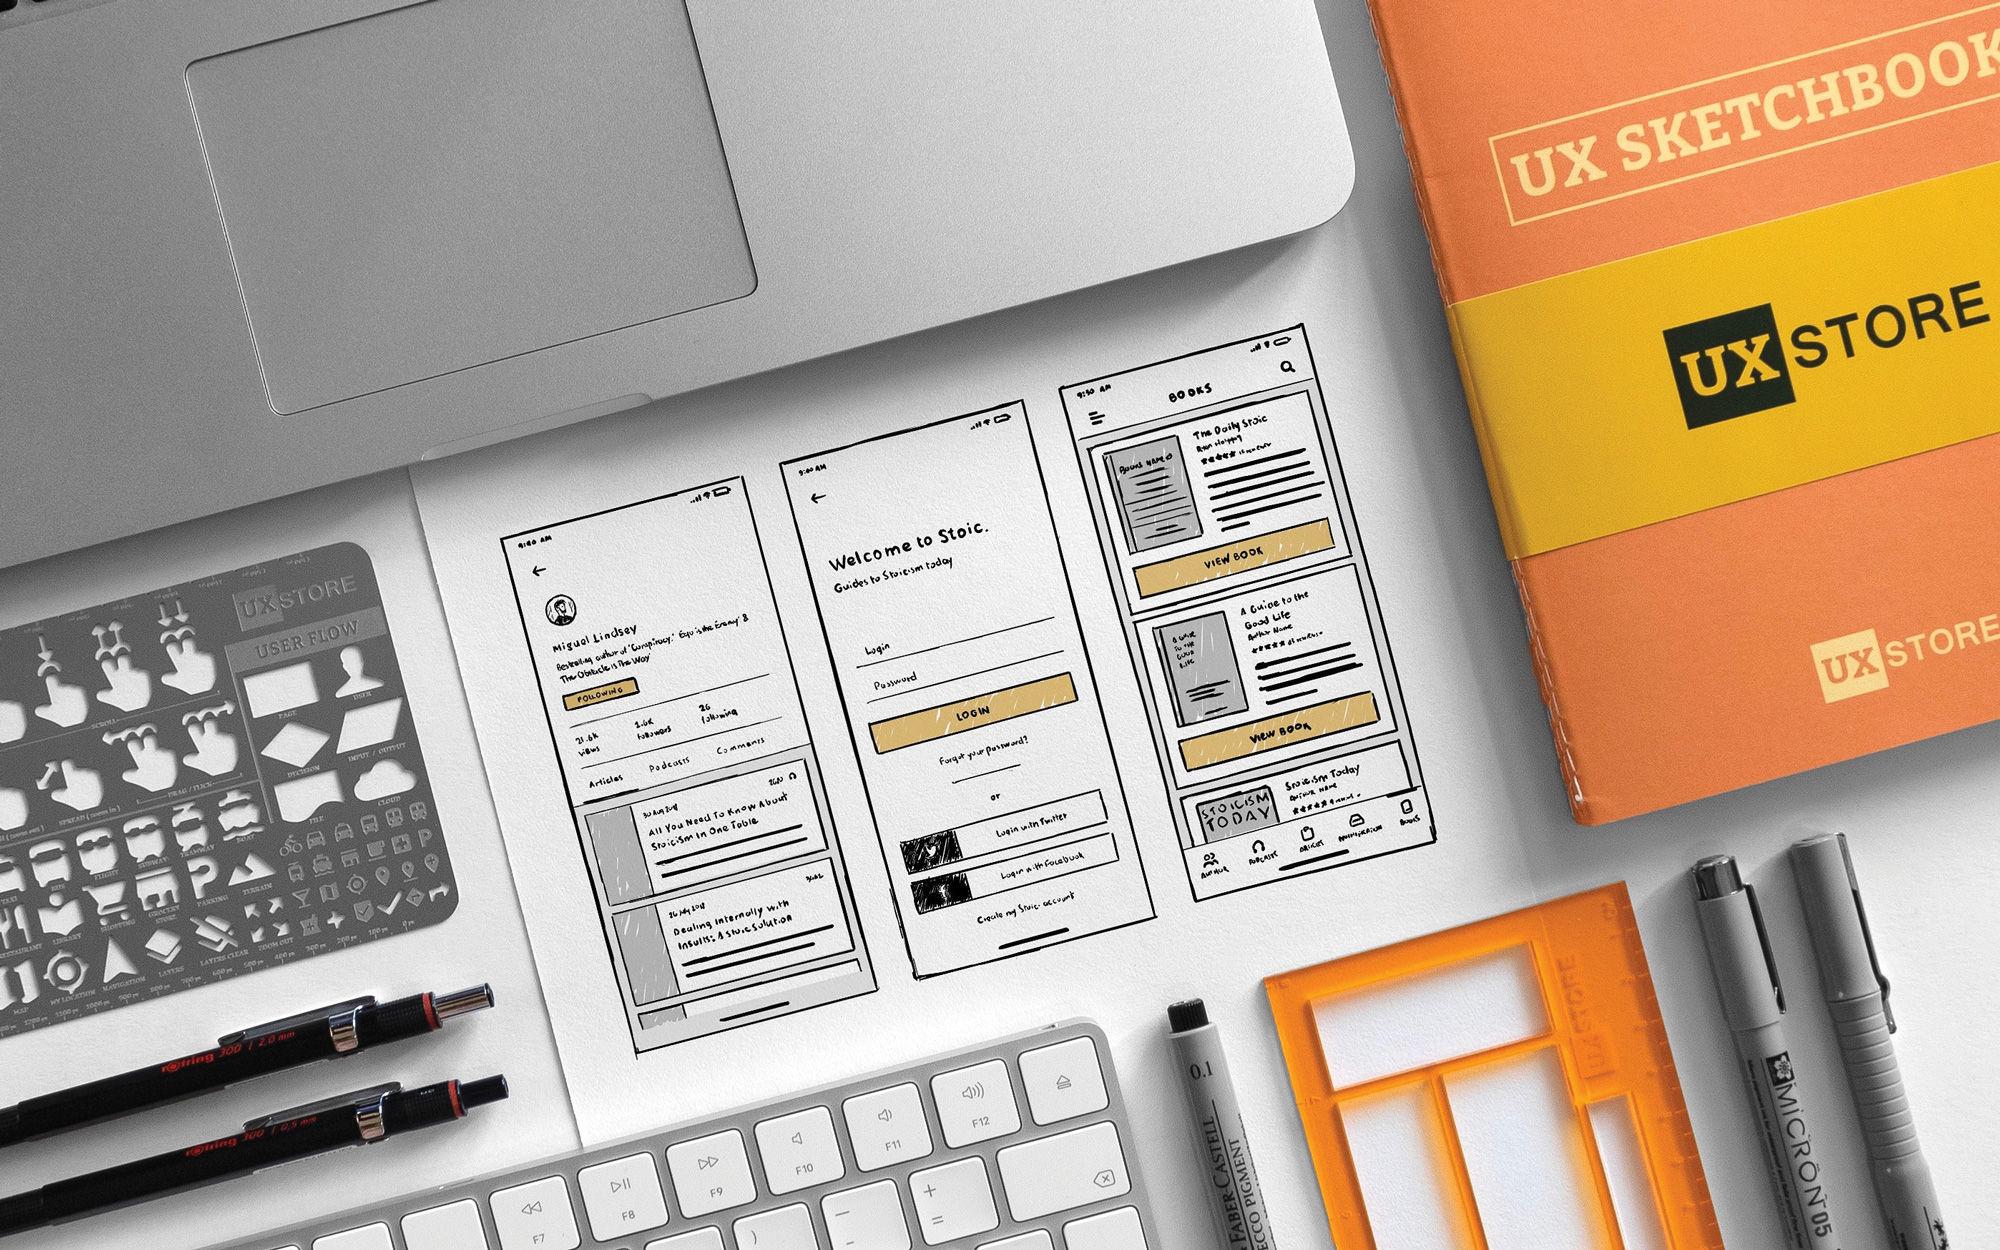 (디지털디자인) UI/UX 반응형 웹디자인&웹퍼블리셔(디자인&코딩) 양성과정